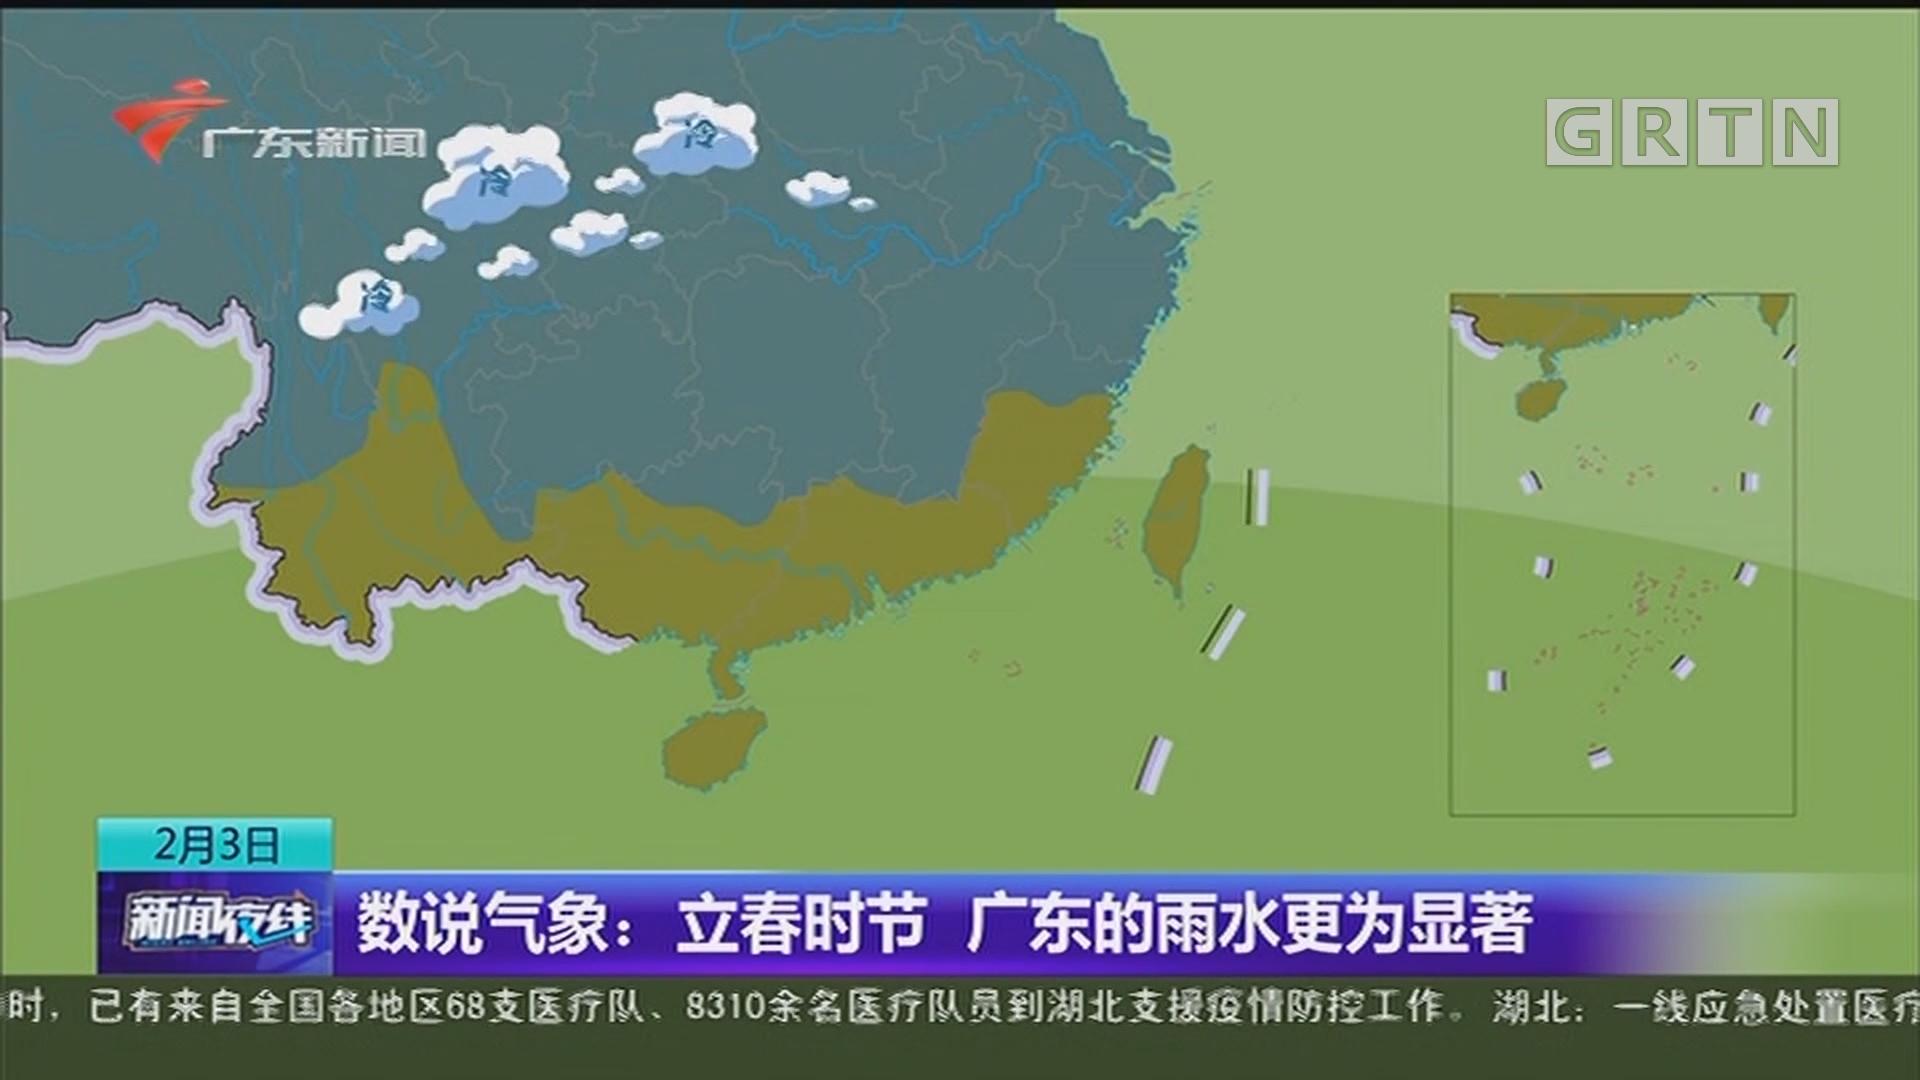 数说气象:立春时节 广东的雨水更为显著